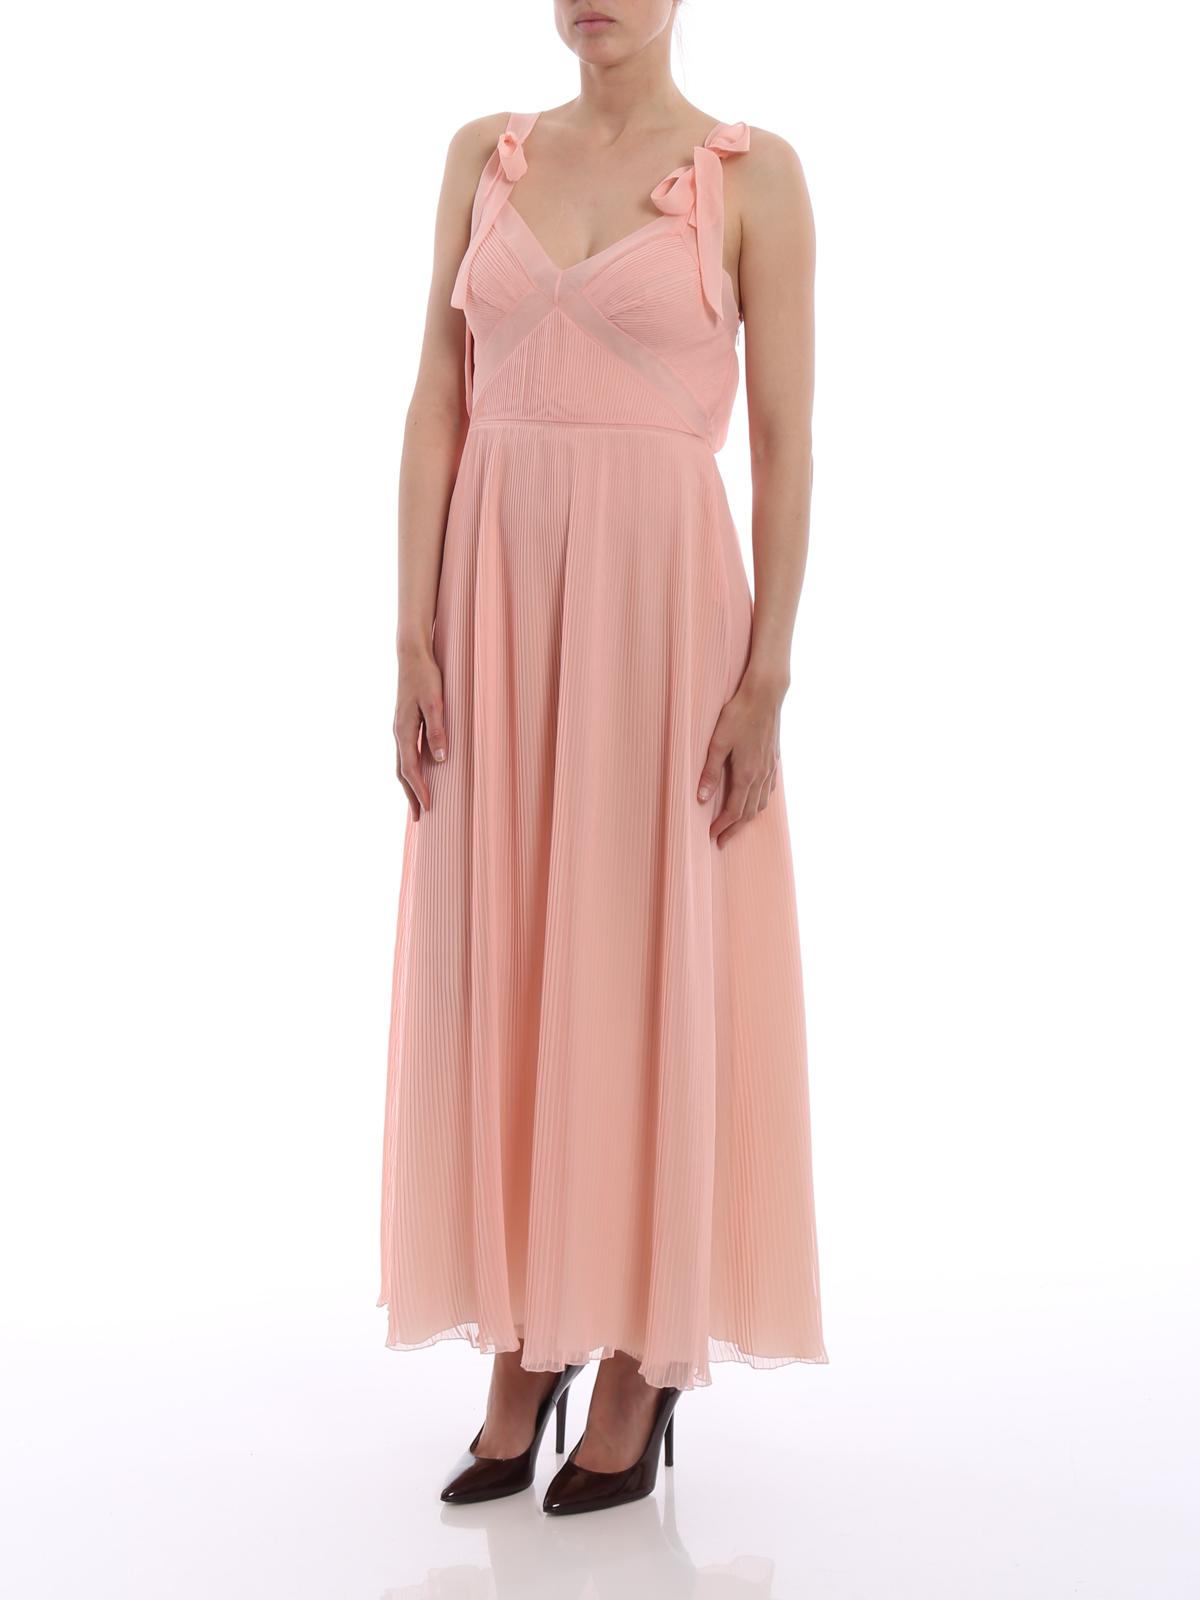 Cocktailkleid - Pink von Prada - Cocktailkleider | iKRIX - P35Y9 ...